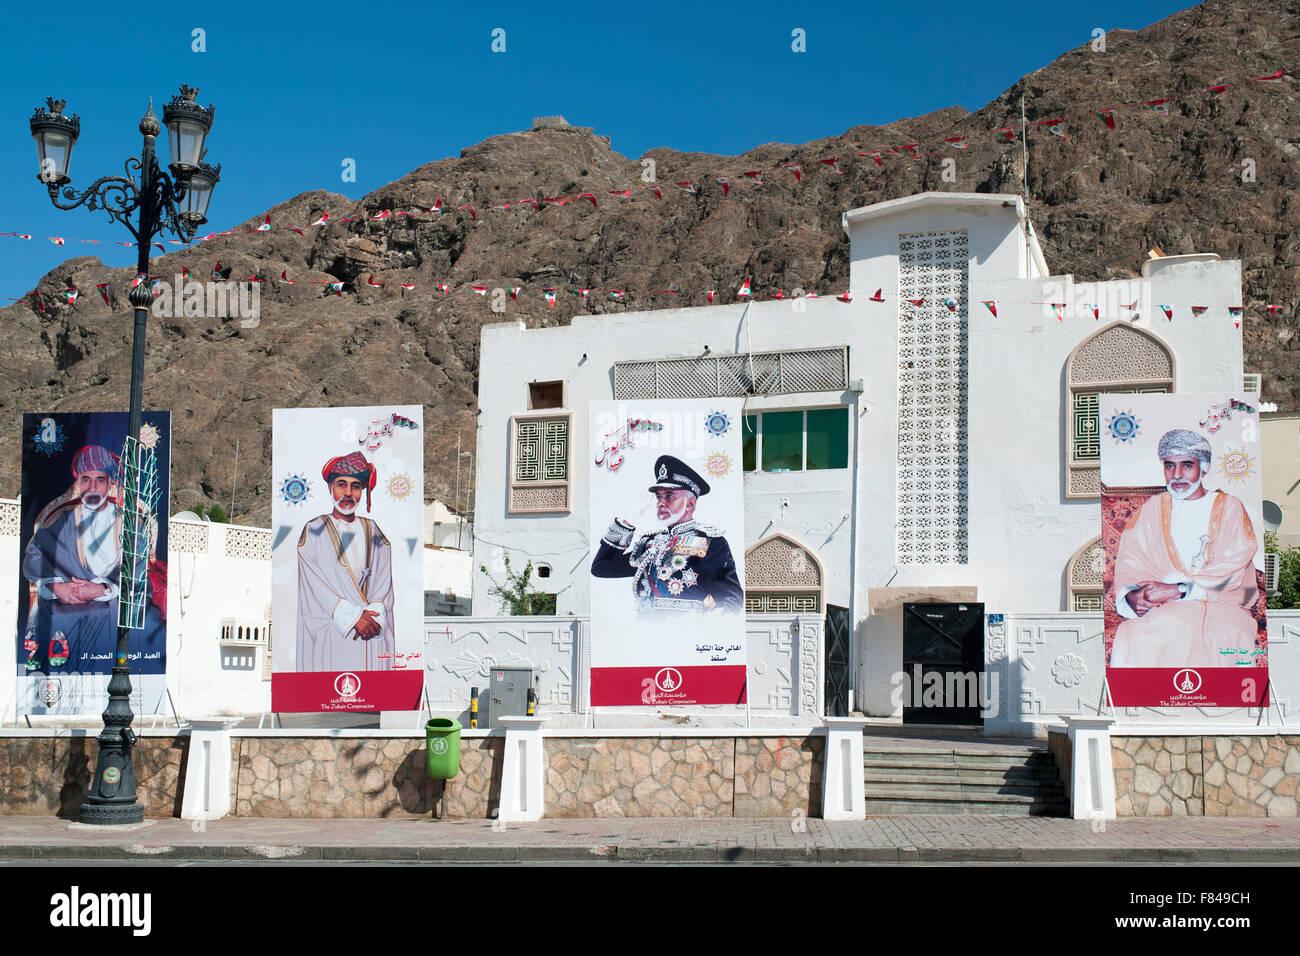 Des affiches du Sultan d'Oman dans le vieux Mascate, partie de la capitale du Sultanat d'Oman. Photo Stock